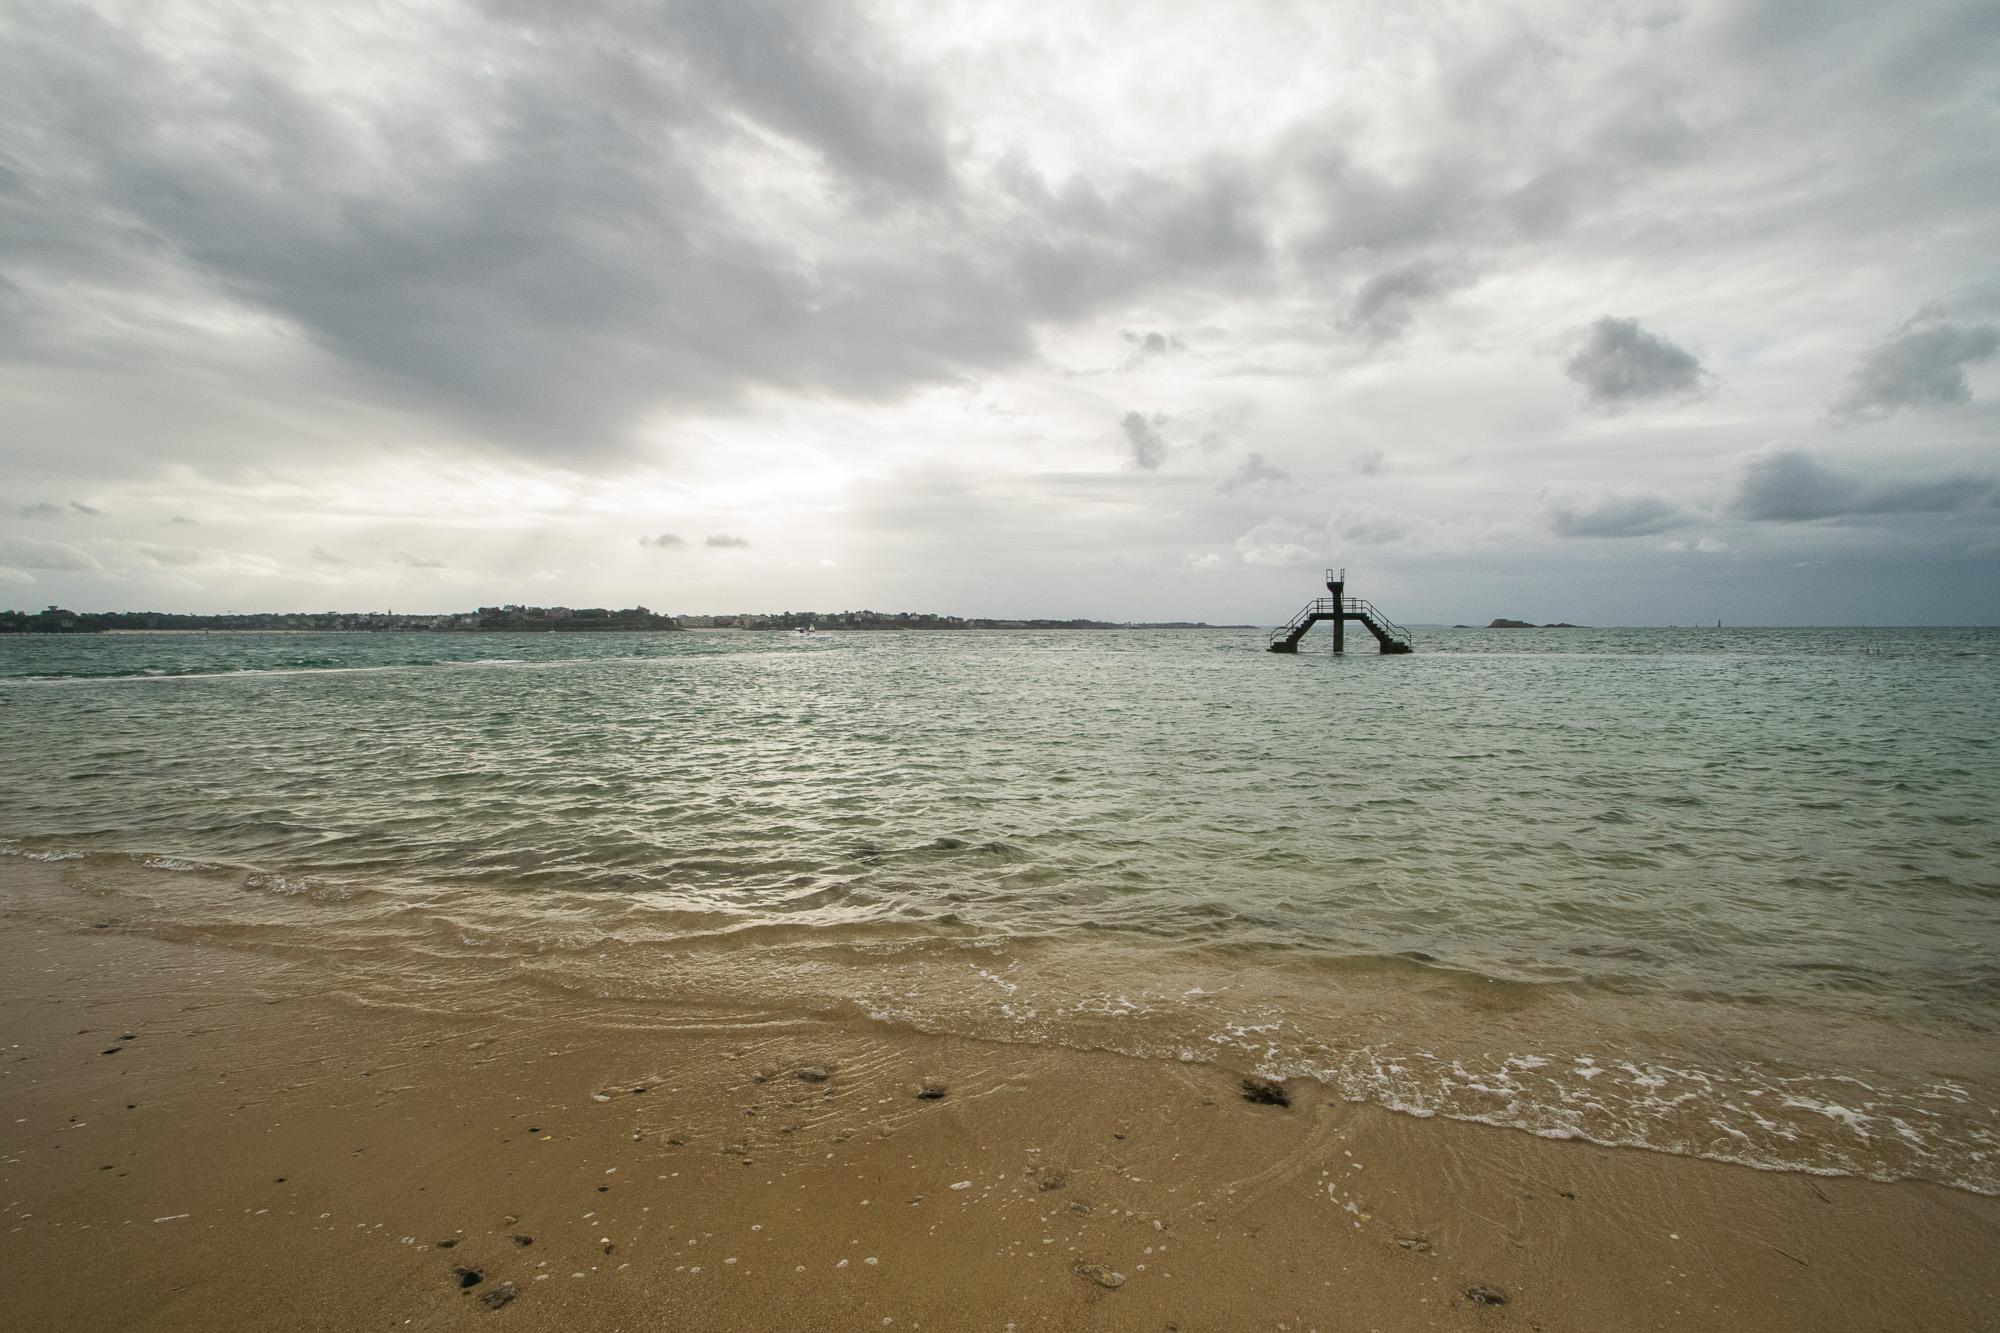 Piscine d'eau de mer de Bon Secours - Saint-Malo